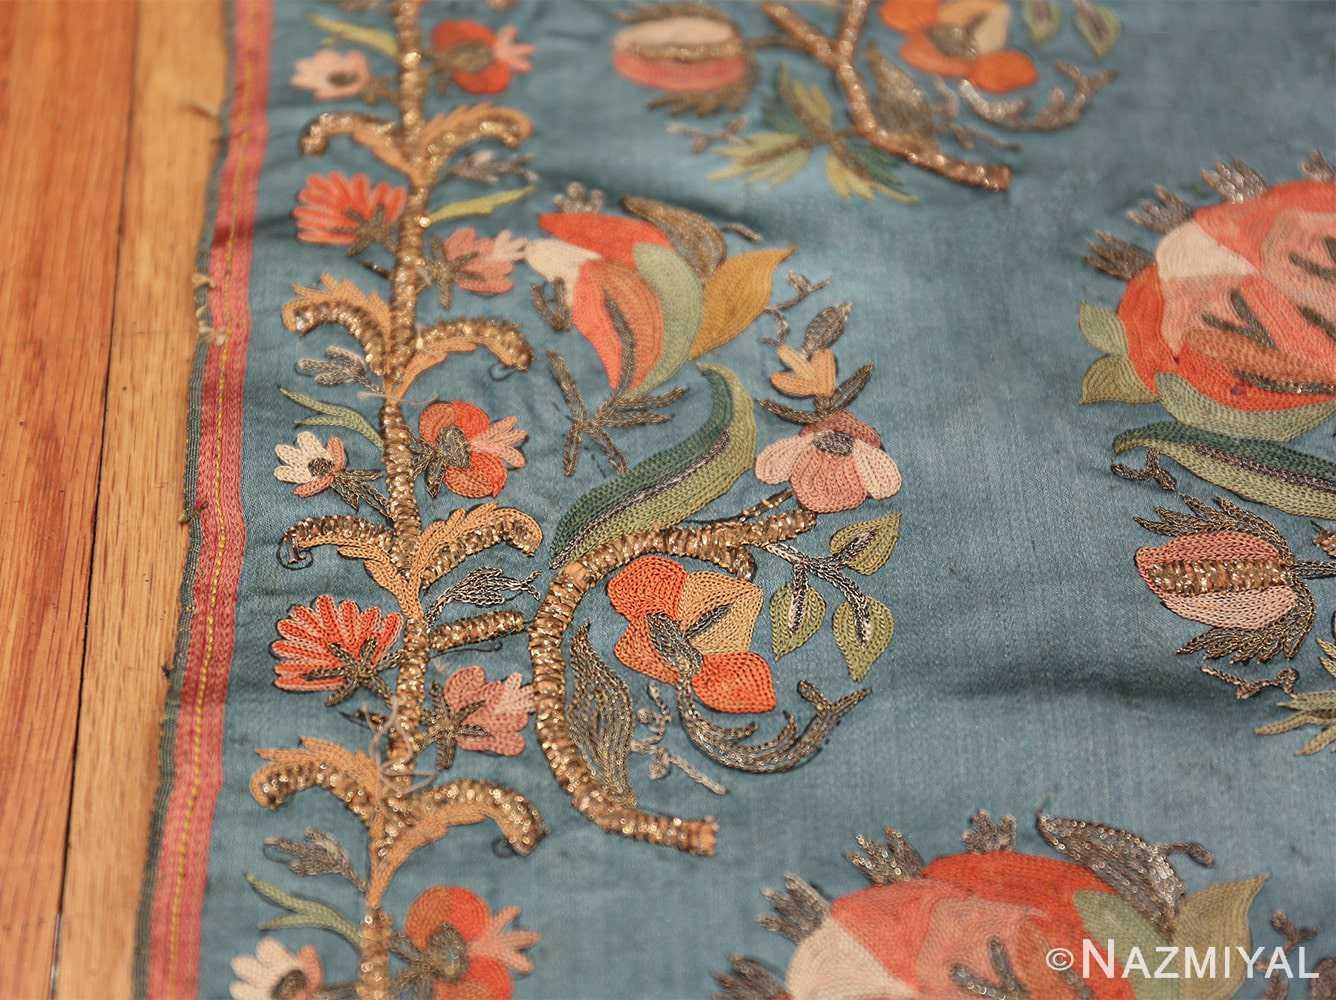 Collectible Antique Ottoman Silk Embroidery 42621 Border Design Nazmiyal